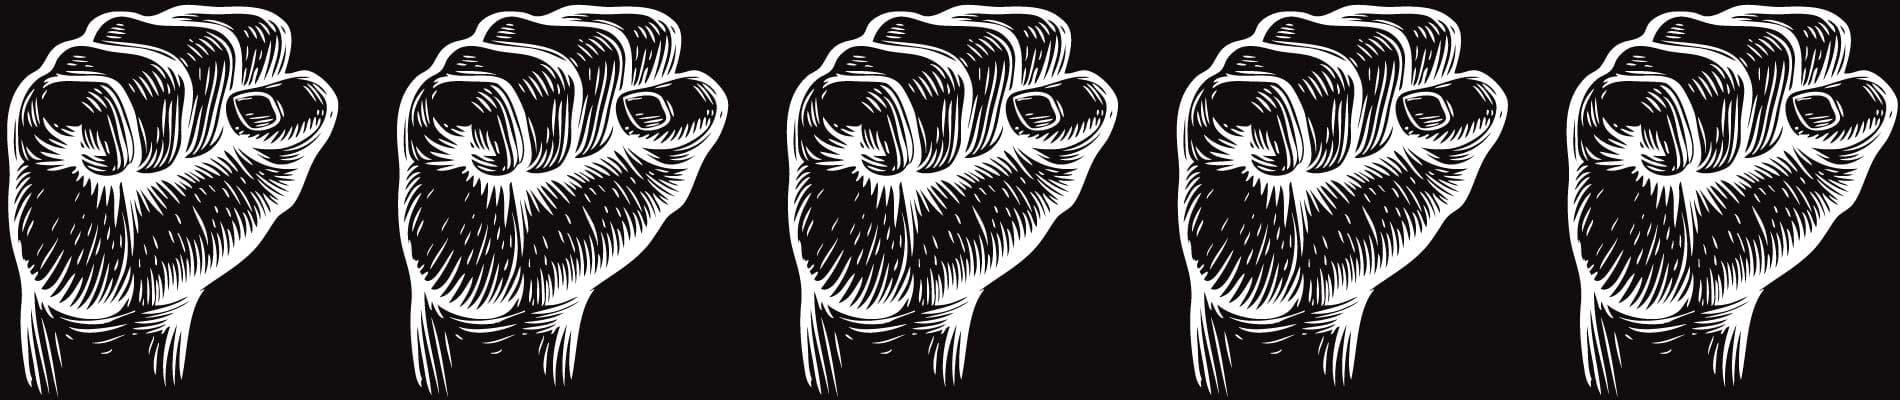 riot fist